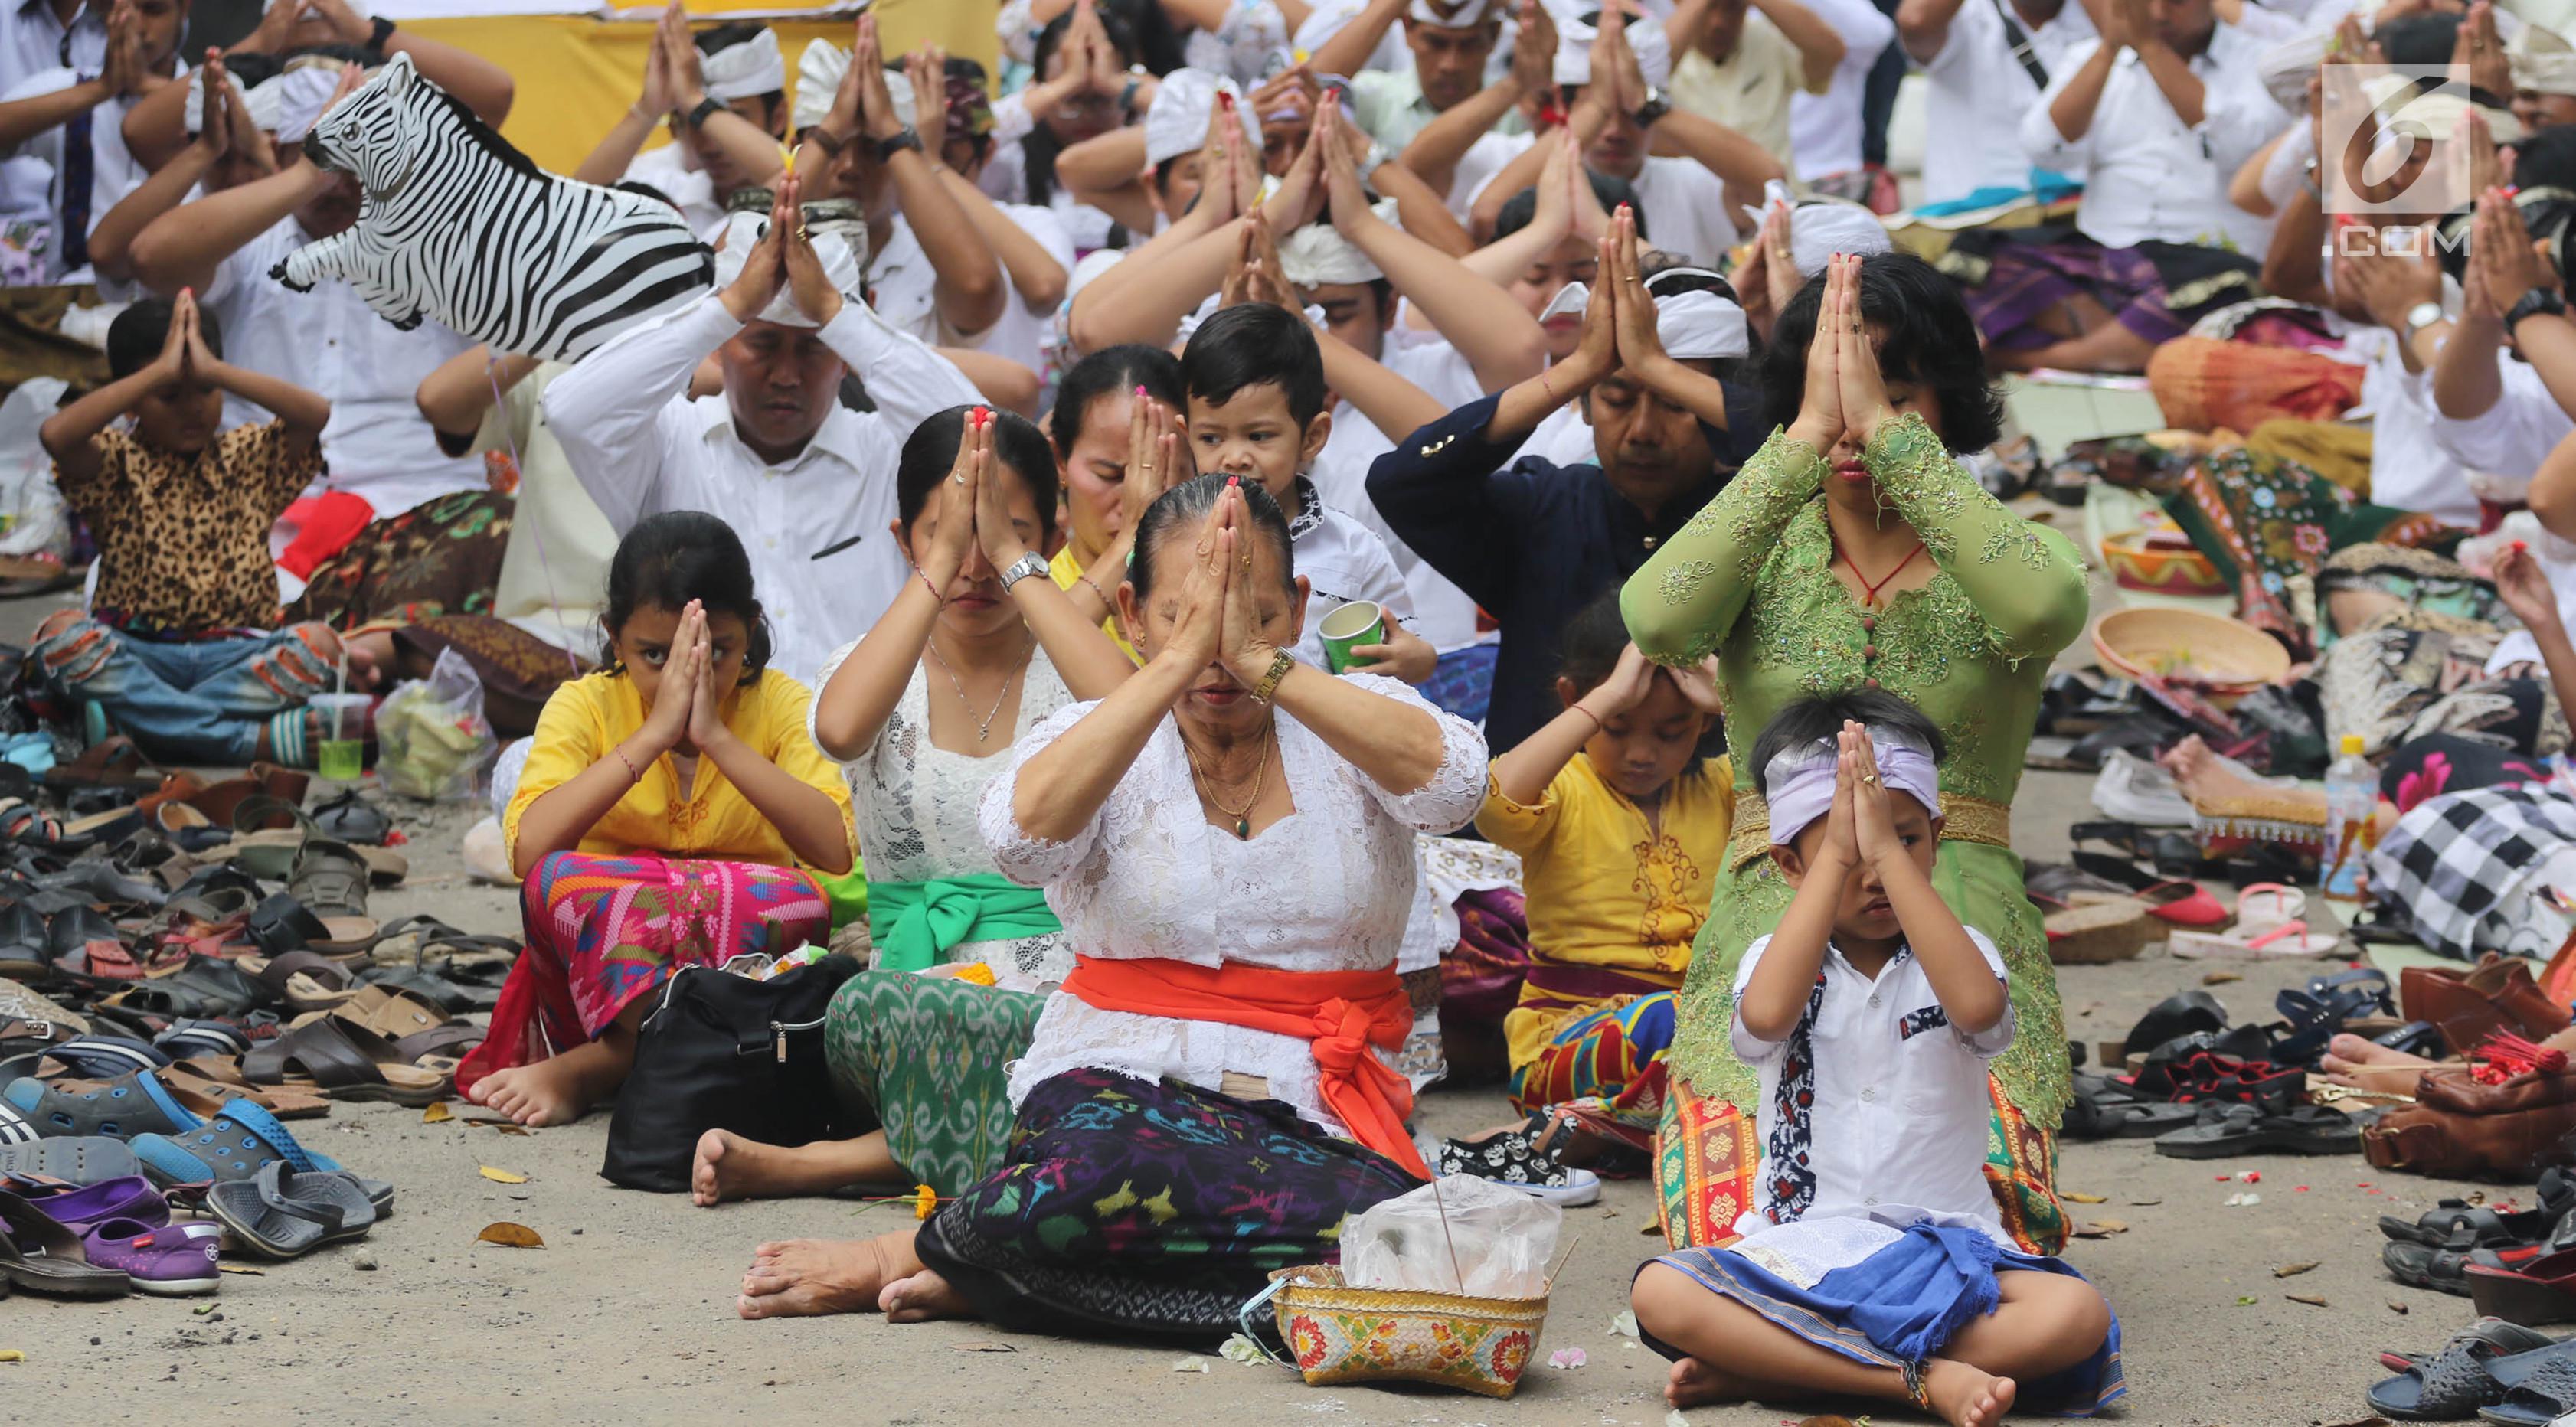 Sejumlah umat Hindu sembahyang saat upacara Tawur Kesanga di Pura Aditya Jaya, Rawamangun, Jakarta, Jumat (16/3). Upacara ini sekaligus menciptakan keseimbangan antara buana alit (manusia) dan buana agung (alam semesta). (Liputan6.com/Arya Manggala)